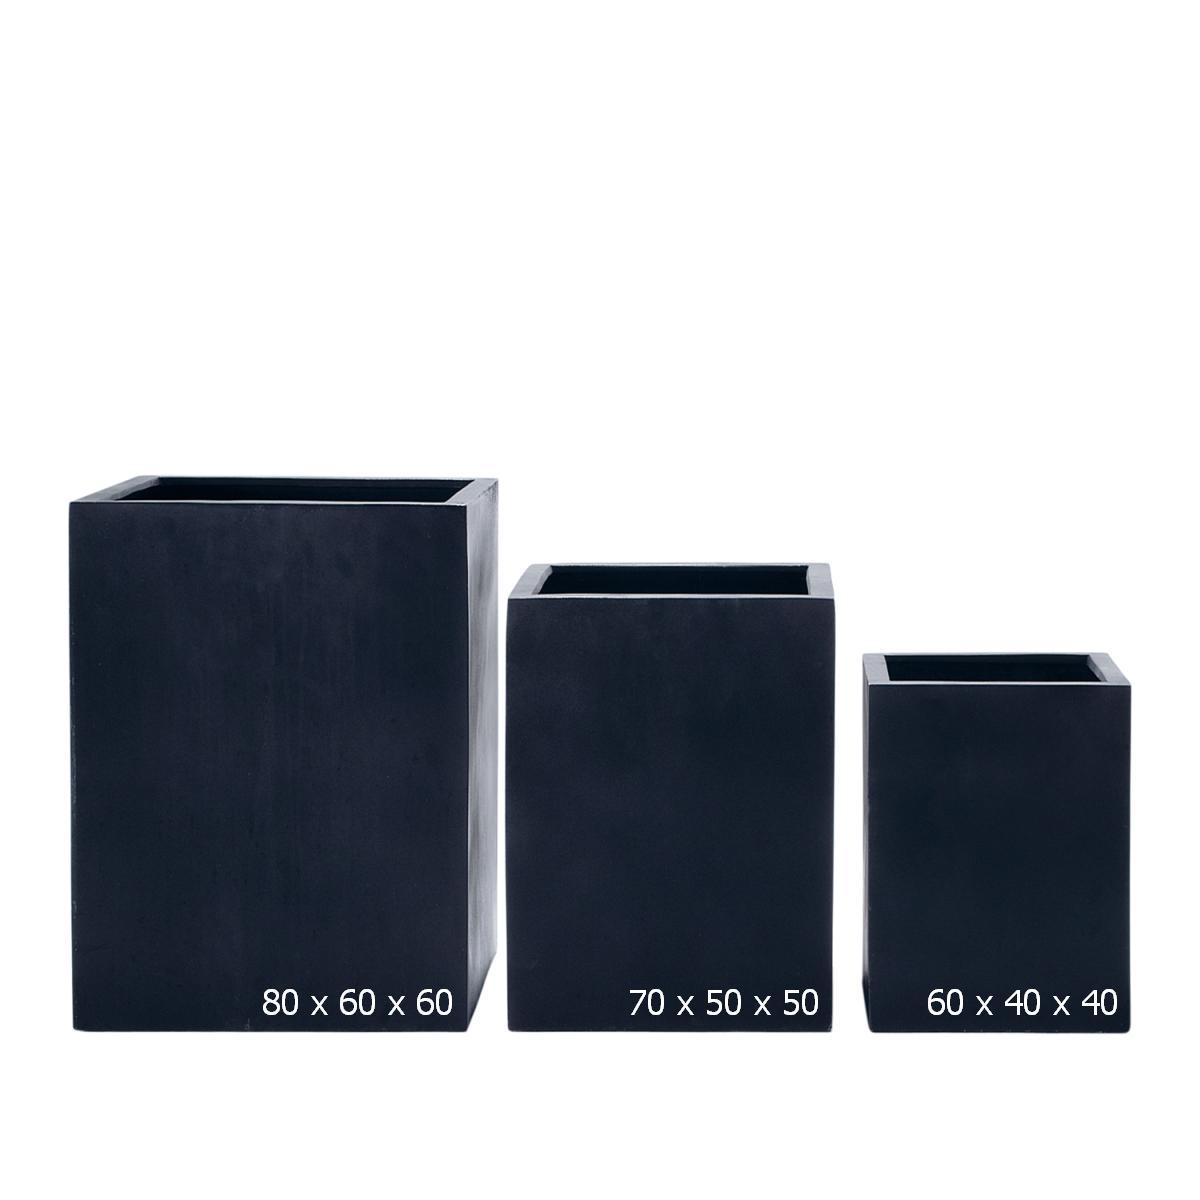 STONEFIBER der hohe Quadratische schwarz